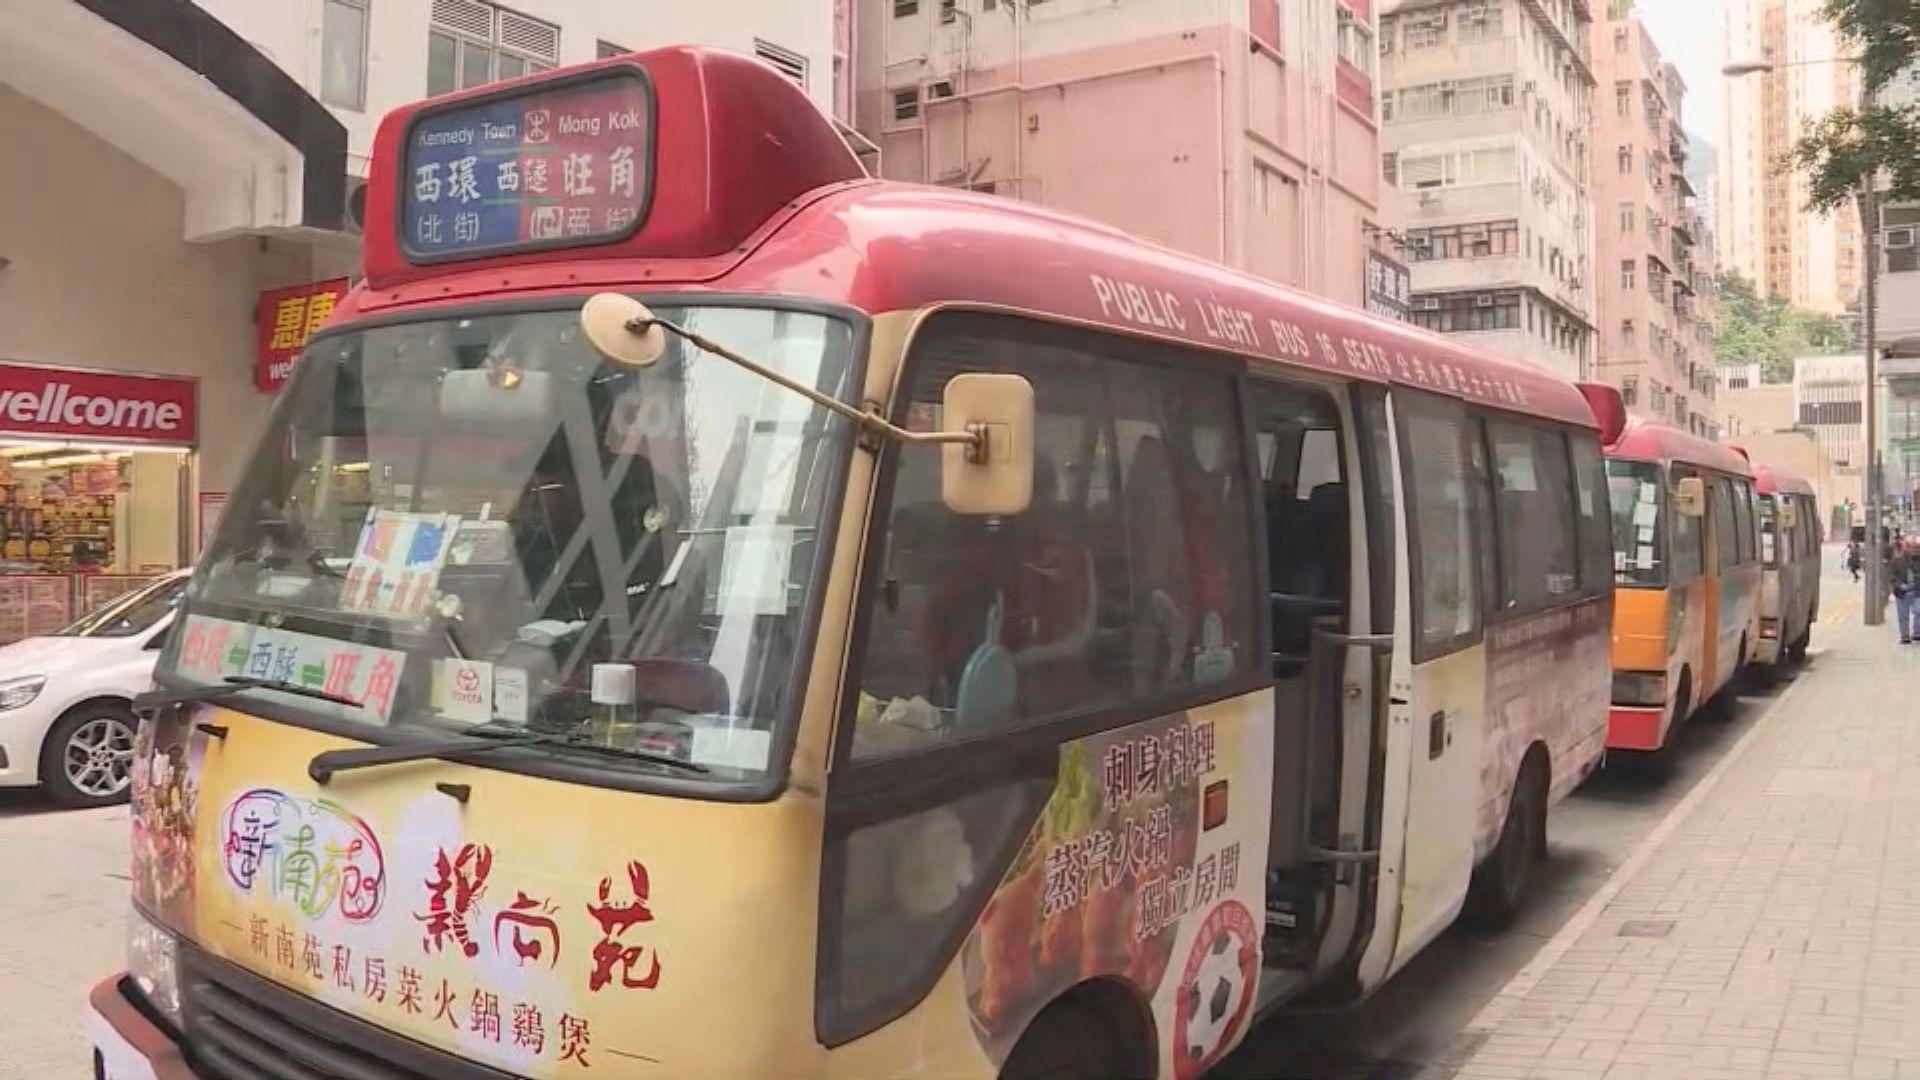 有小巴司機抱怨繞道開通後交通狀況變差